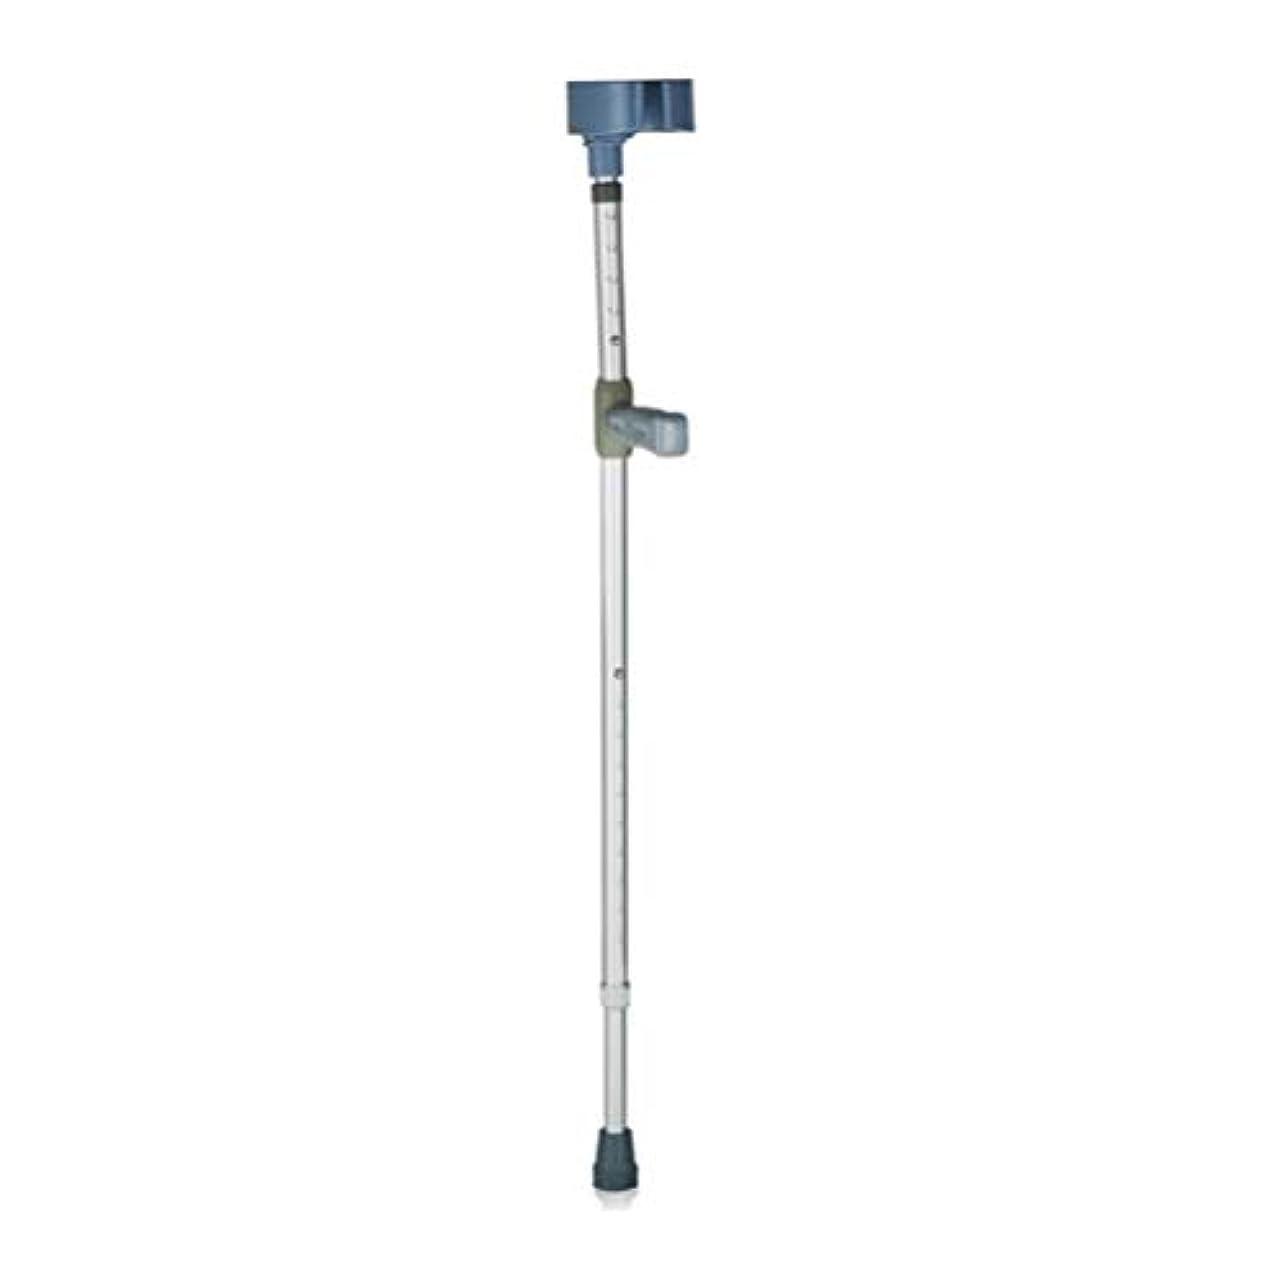 ペース見積り言うまでもなくステッキ 杖 歩行支援 一本杖 伸縮介護歩行補助 高さ調節可能、持ち運び安全、男女兼用、 母の日 、父の日、敬老の日 誕生日 プレゼント